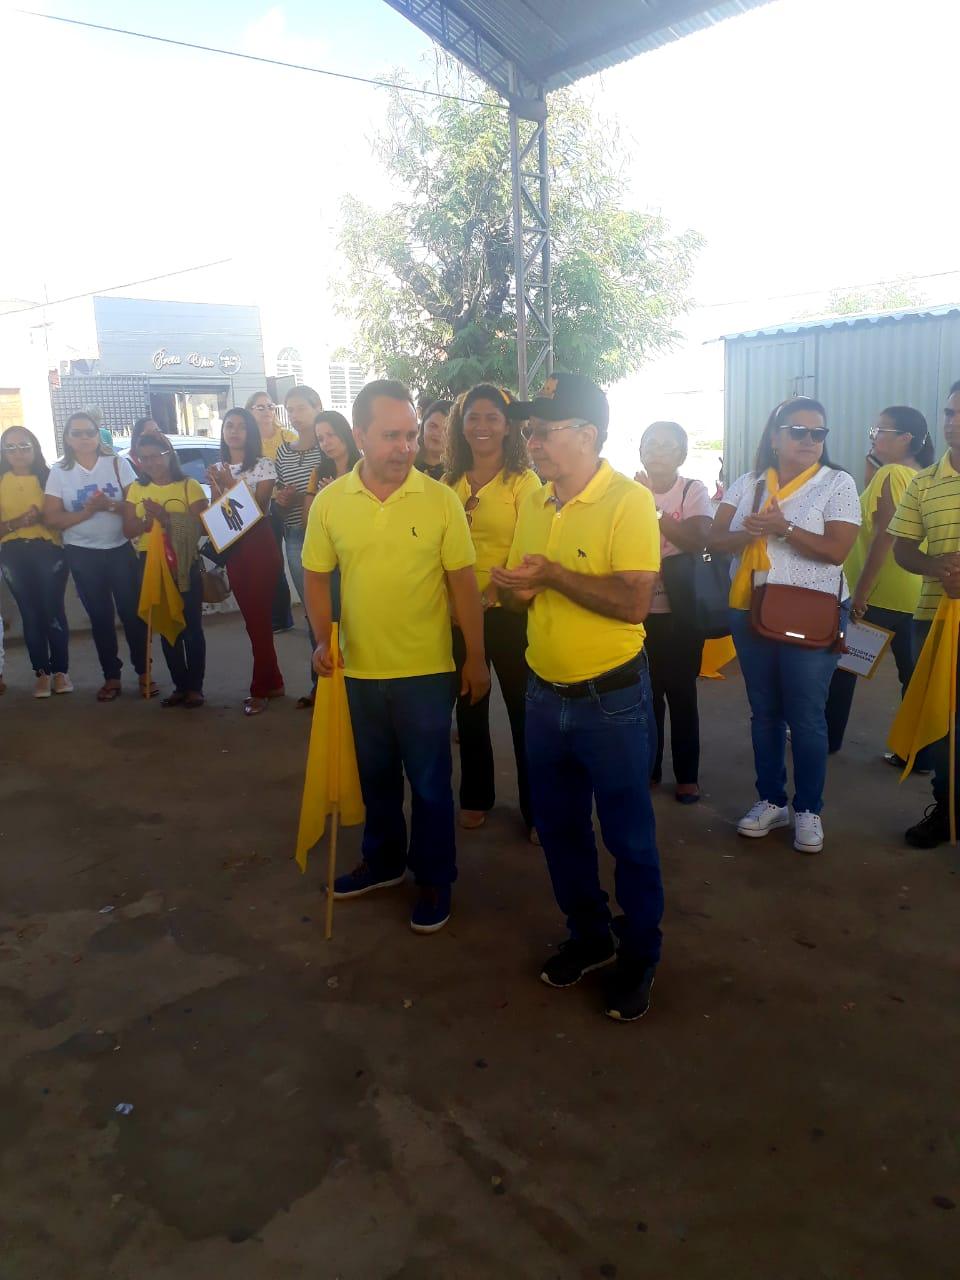 Prefeitura de Barro Duro realiza caminhada pela vida, no Setembro Amarelo - Imagem 24